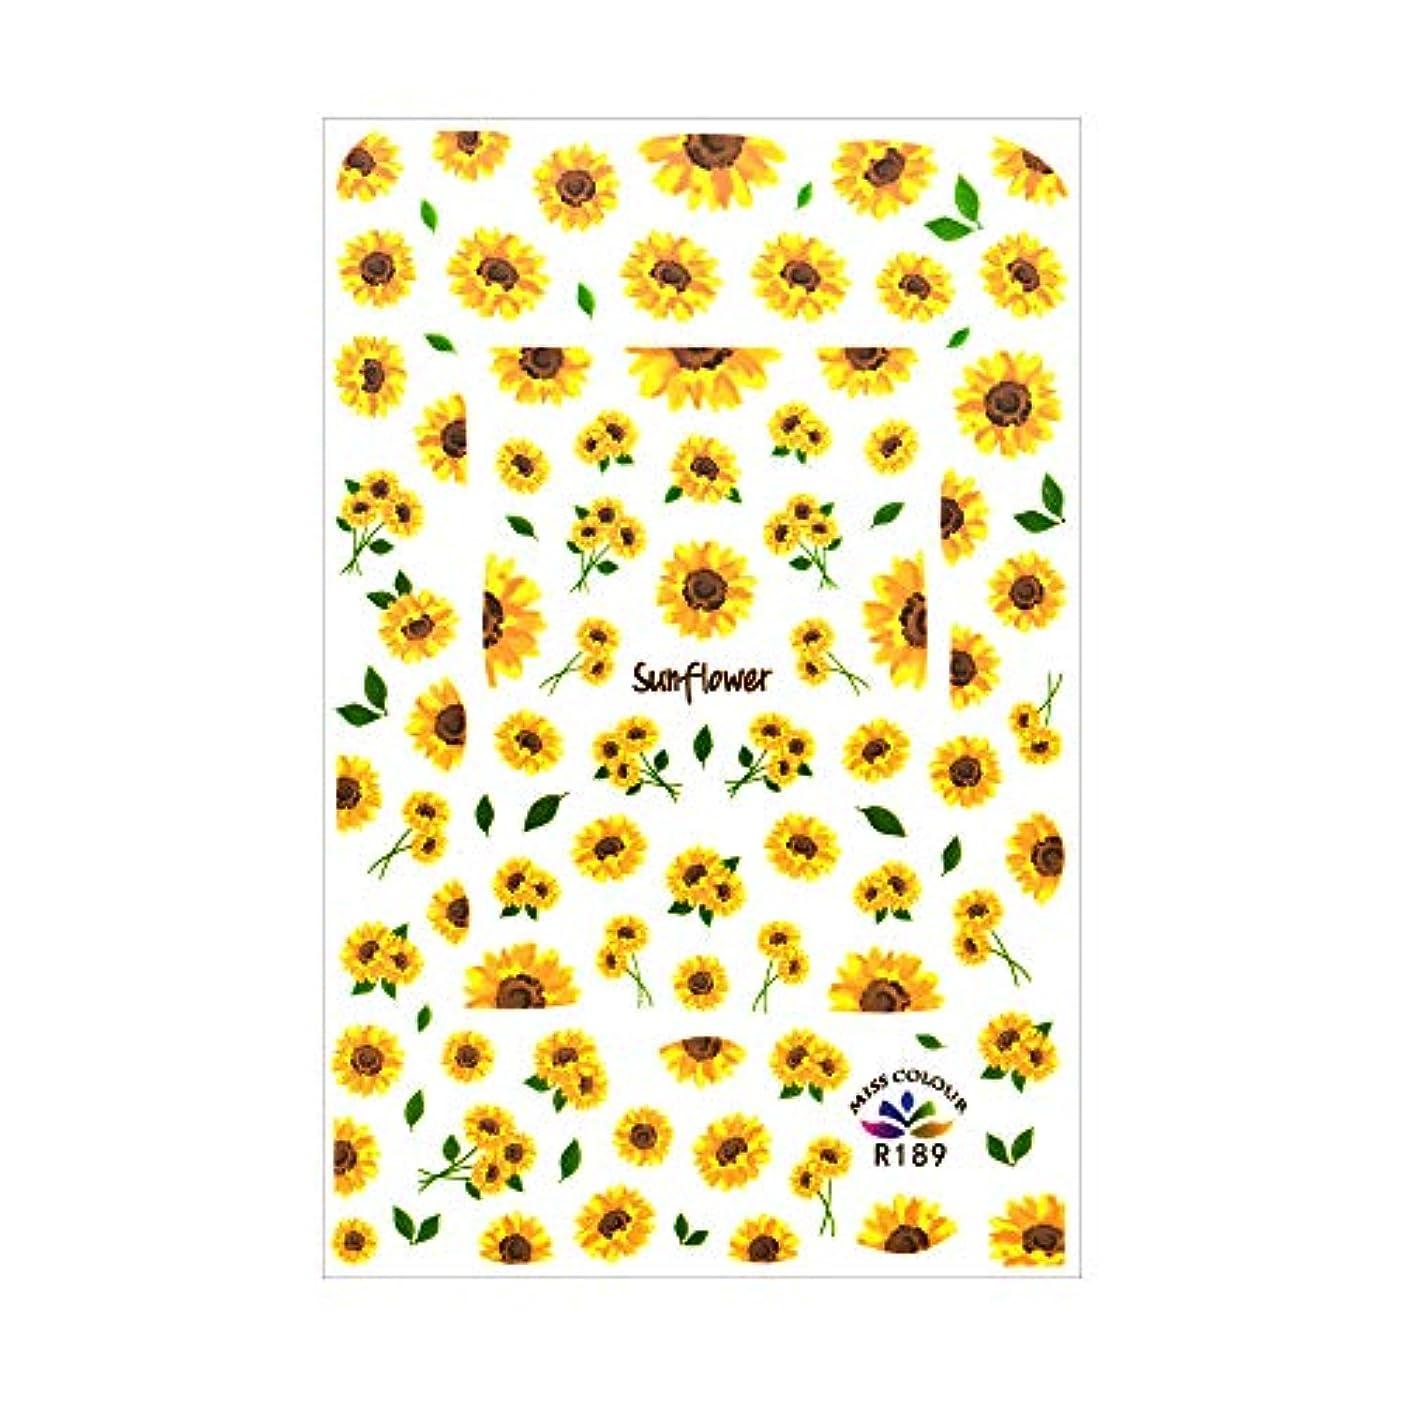 ディスク絶壁多分ネイルシール ひまわりシール 花 フラワー 一輪花 ひまわり ヒマワリ 向日葵 サンフラワー 夏 サマー